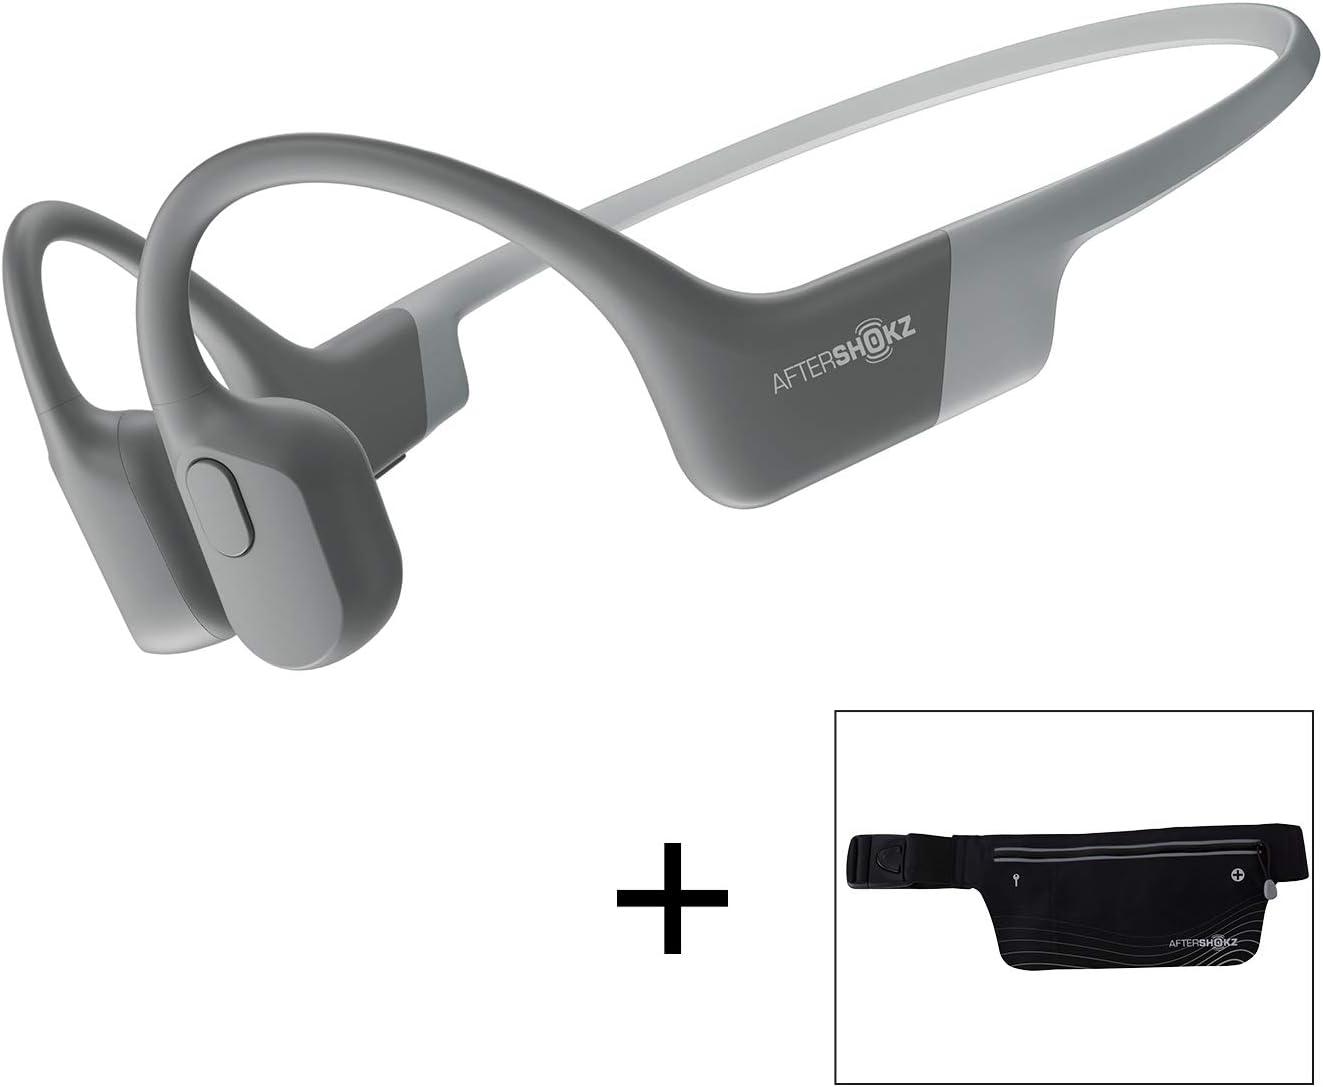 AfterShokz Aeropex, Auriculares Deportivos Inalámbricos con Bluetooth 5.0, Tecnología de Conducción Ósea, Diseño Open-Ear, Resistente al Polvo y al Agua IP67,Lunar Grey